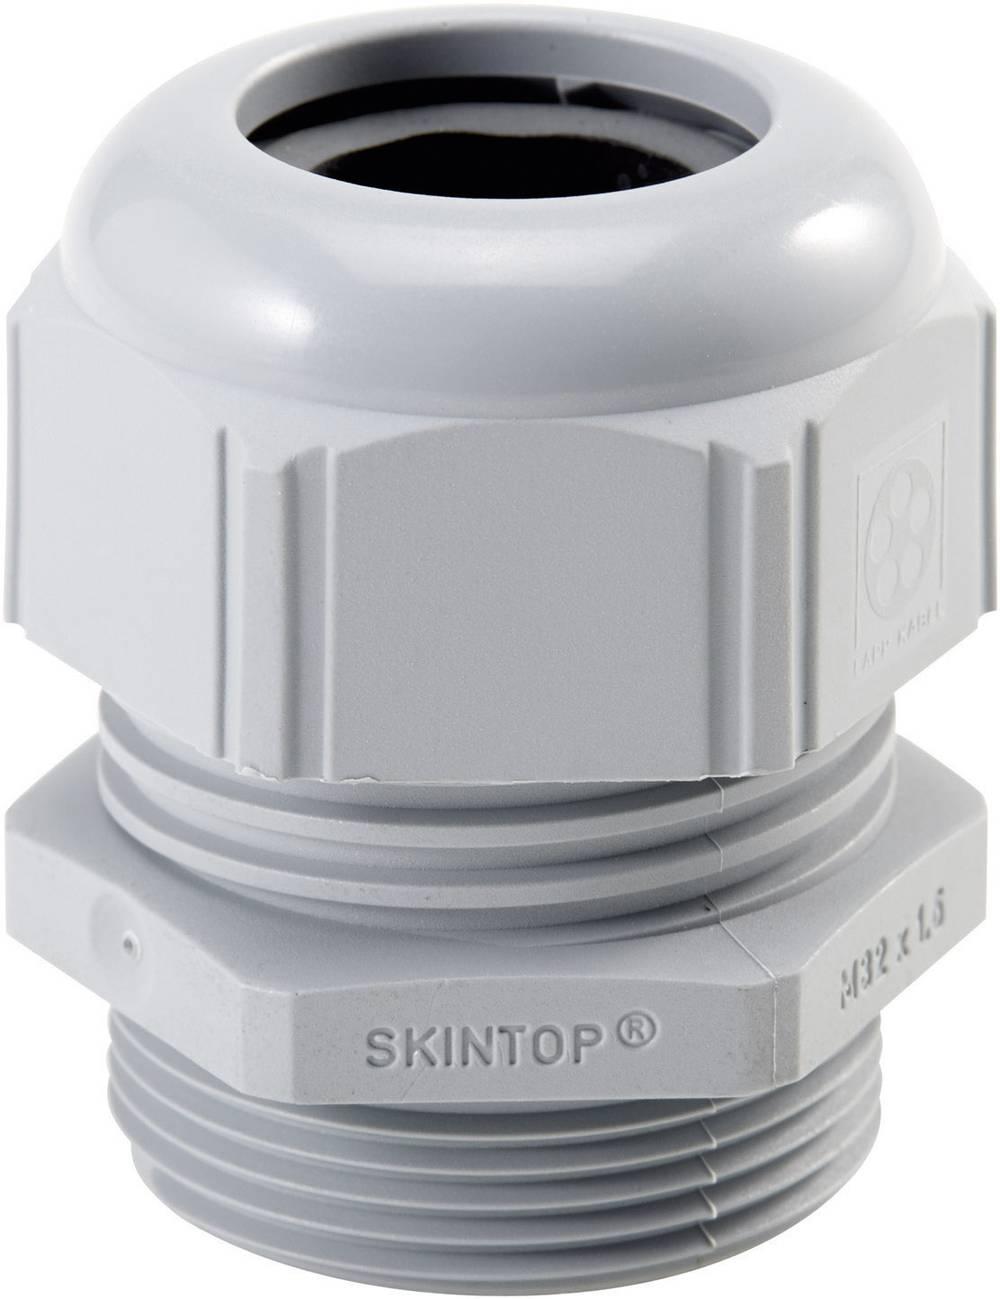 Kabelforskruning LappKabel SKINTOP® BS 3/4'' 3/4 Polyamid Sølvgrå (RAL 7001) 25 stk